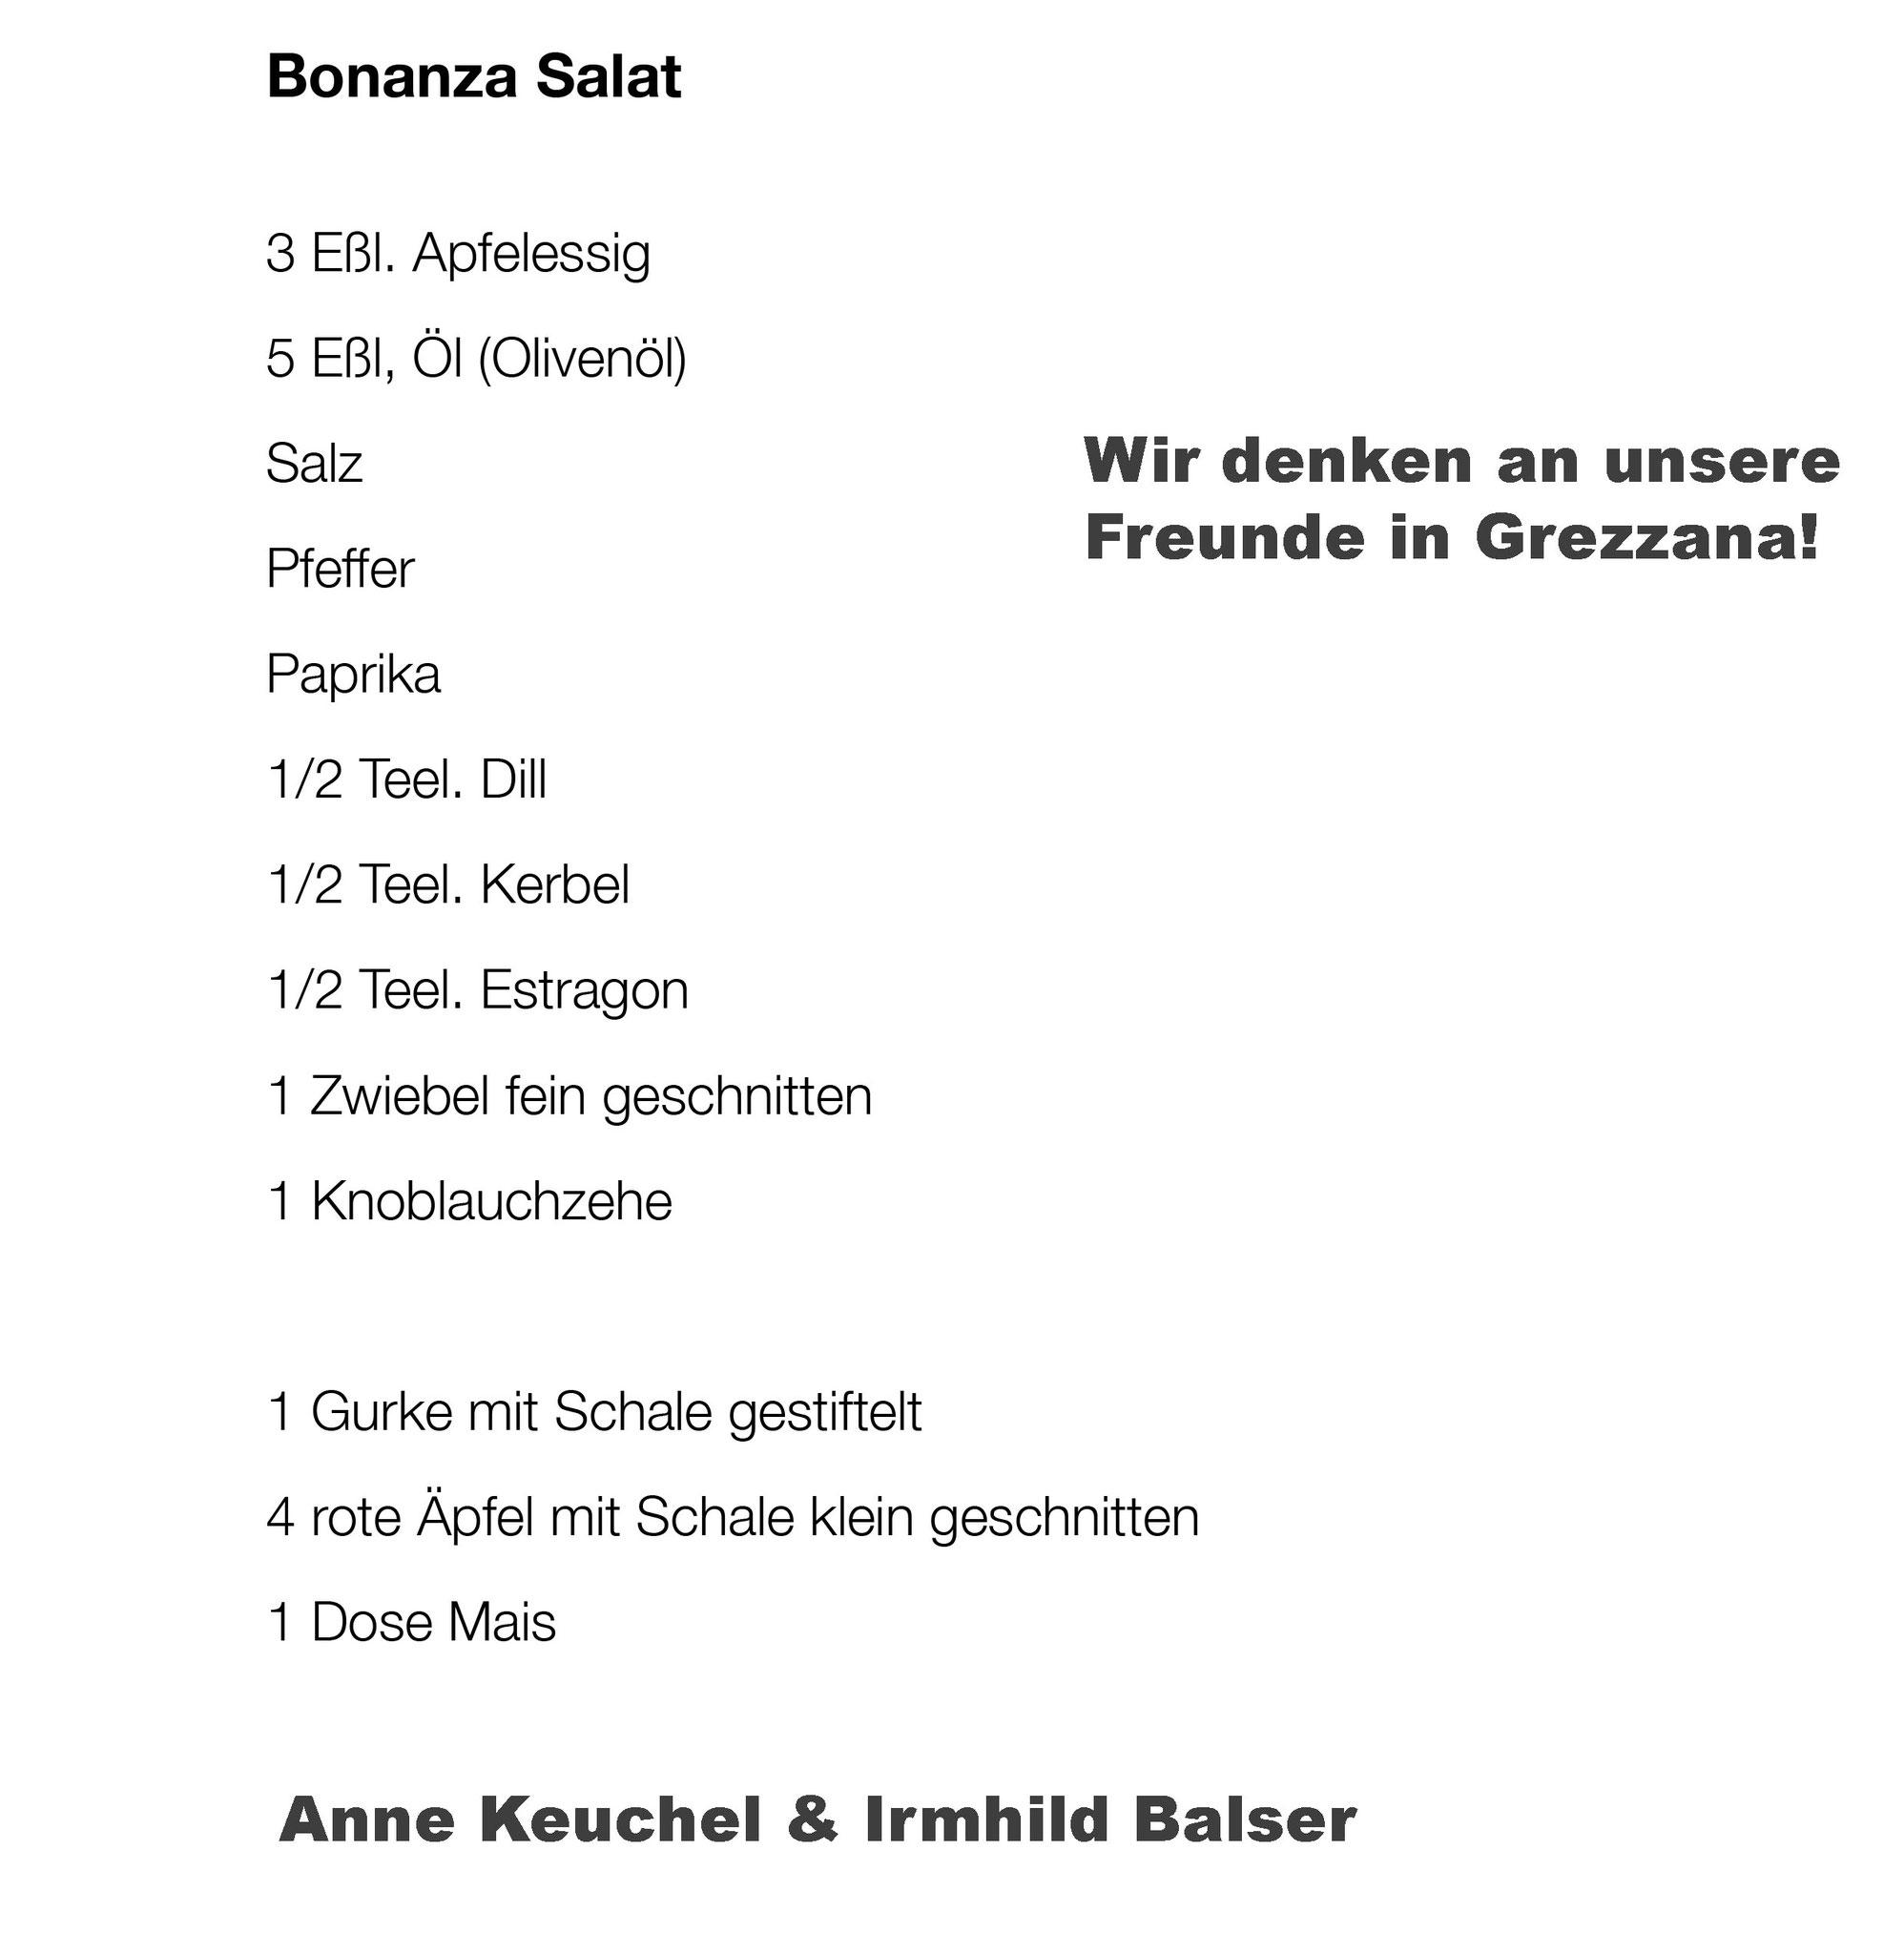 01b Salatrezept, A.Keuchel, I. Balser #tagdernachbarn